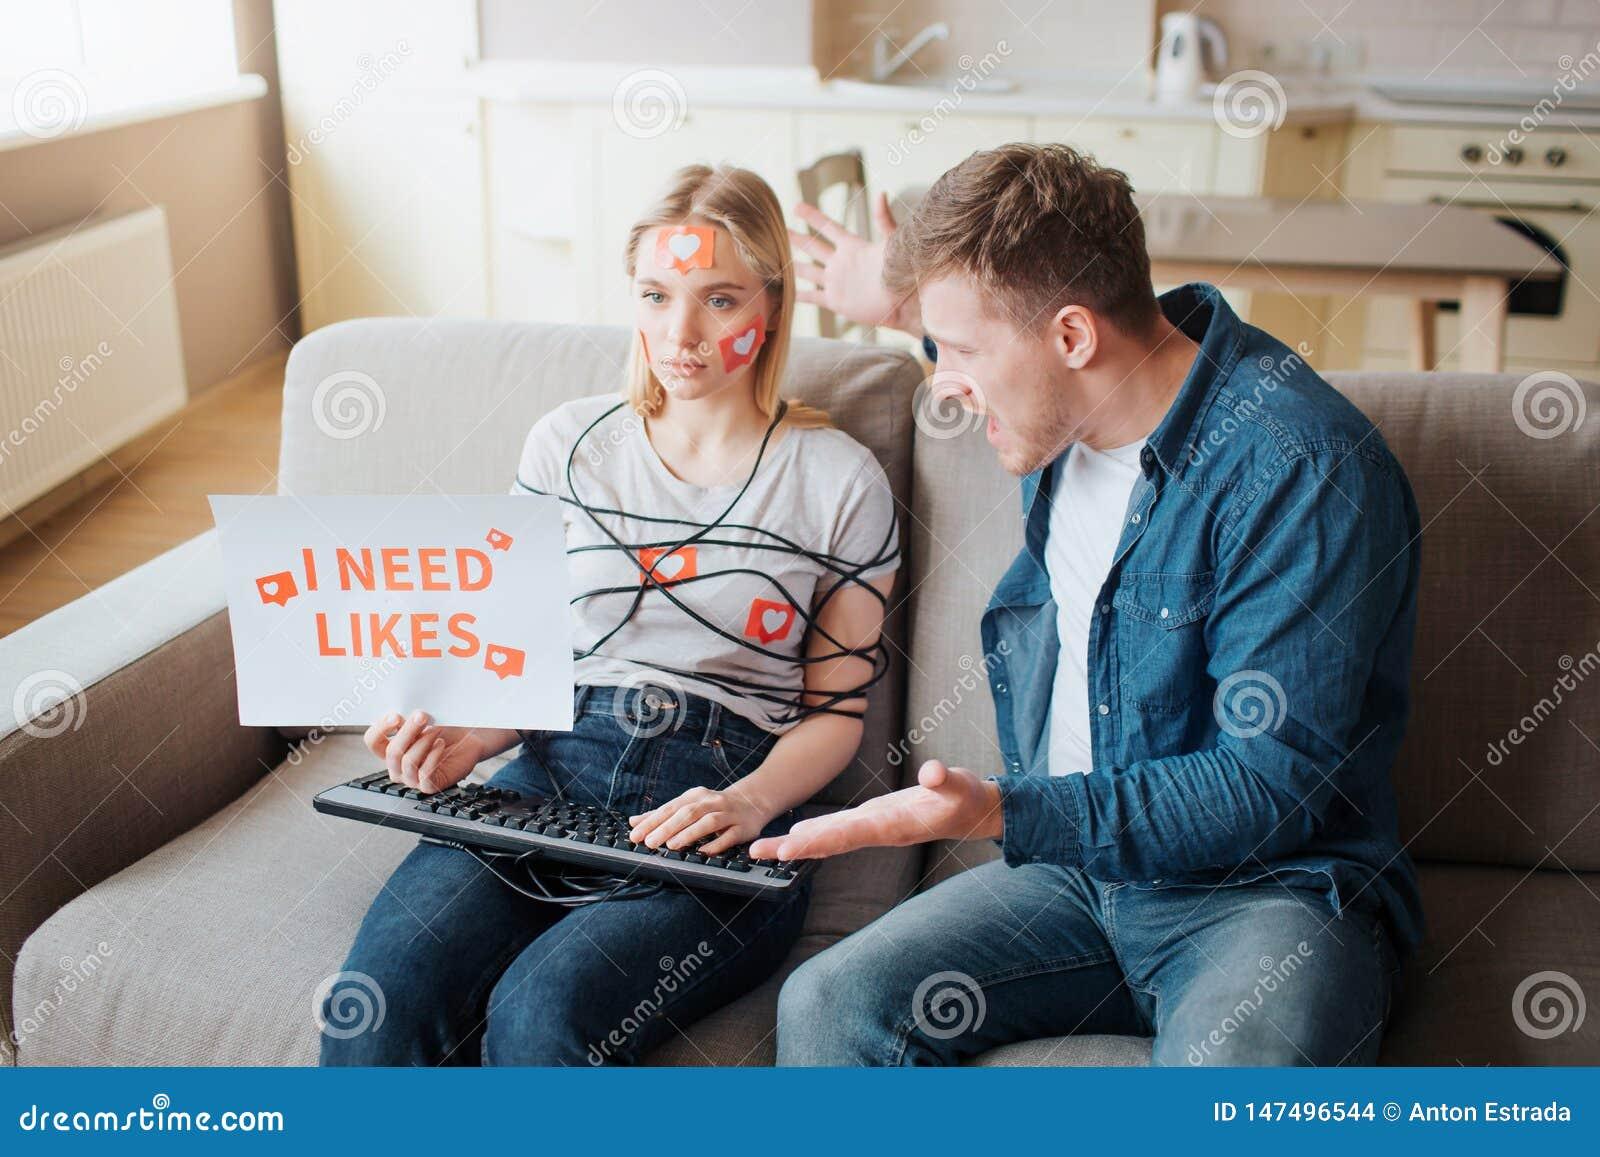 Junge Frau haben Social Media-Sucht E K?rper eingewickelt mit Schnur H?nde auf Tastatur ver?rgert